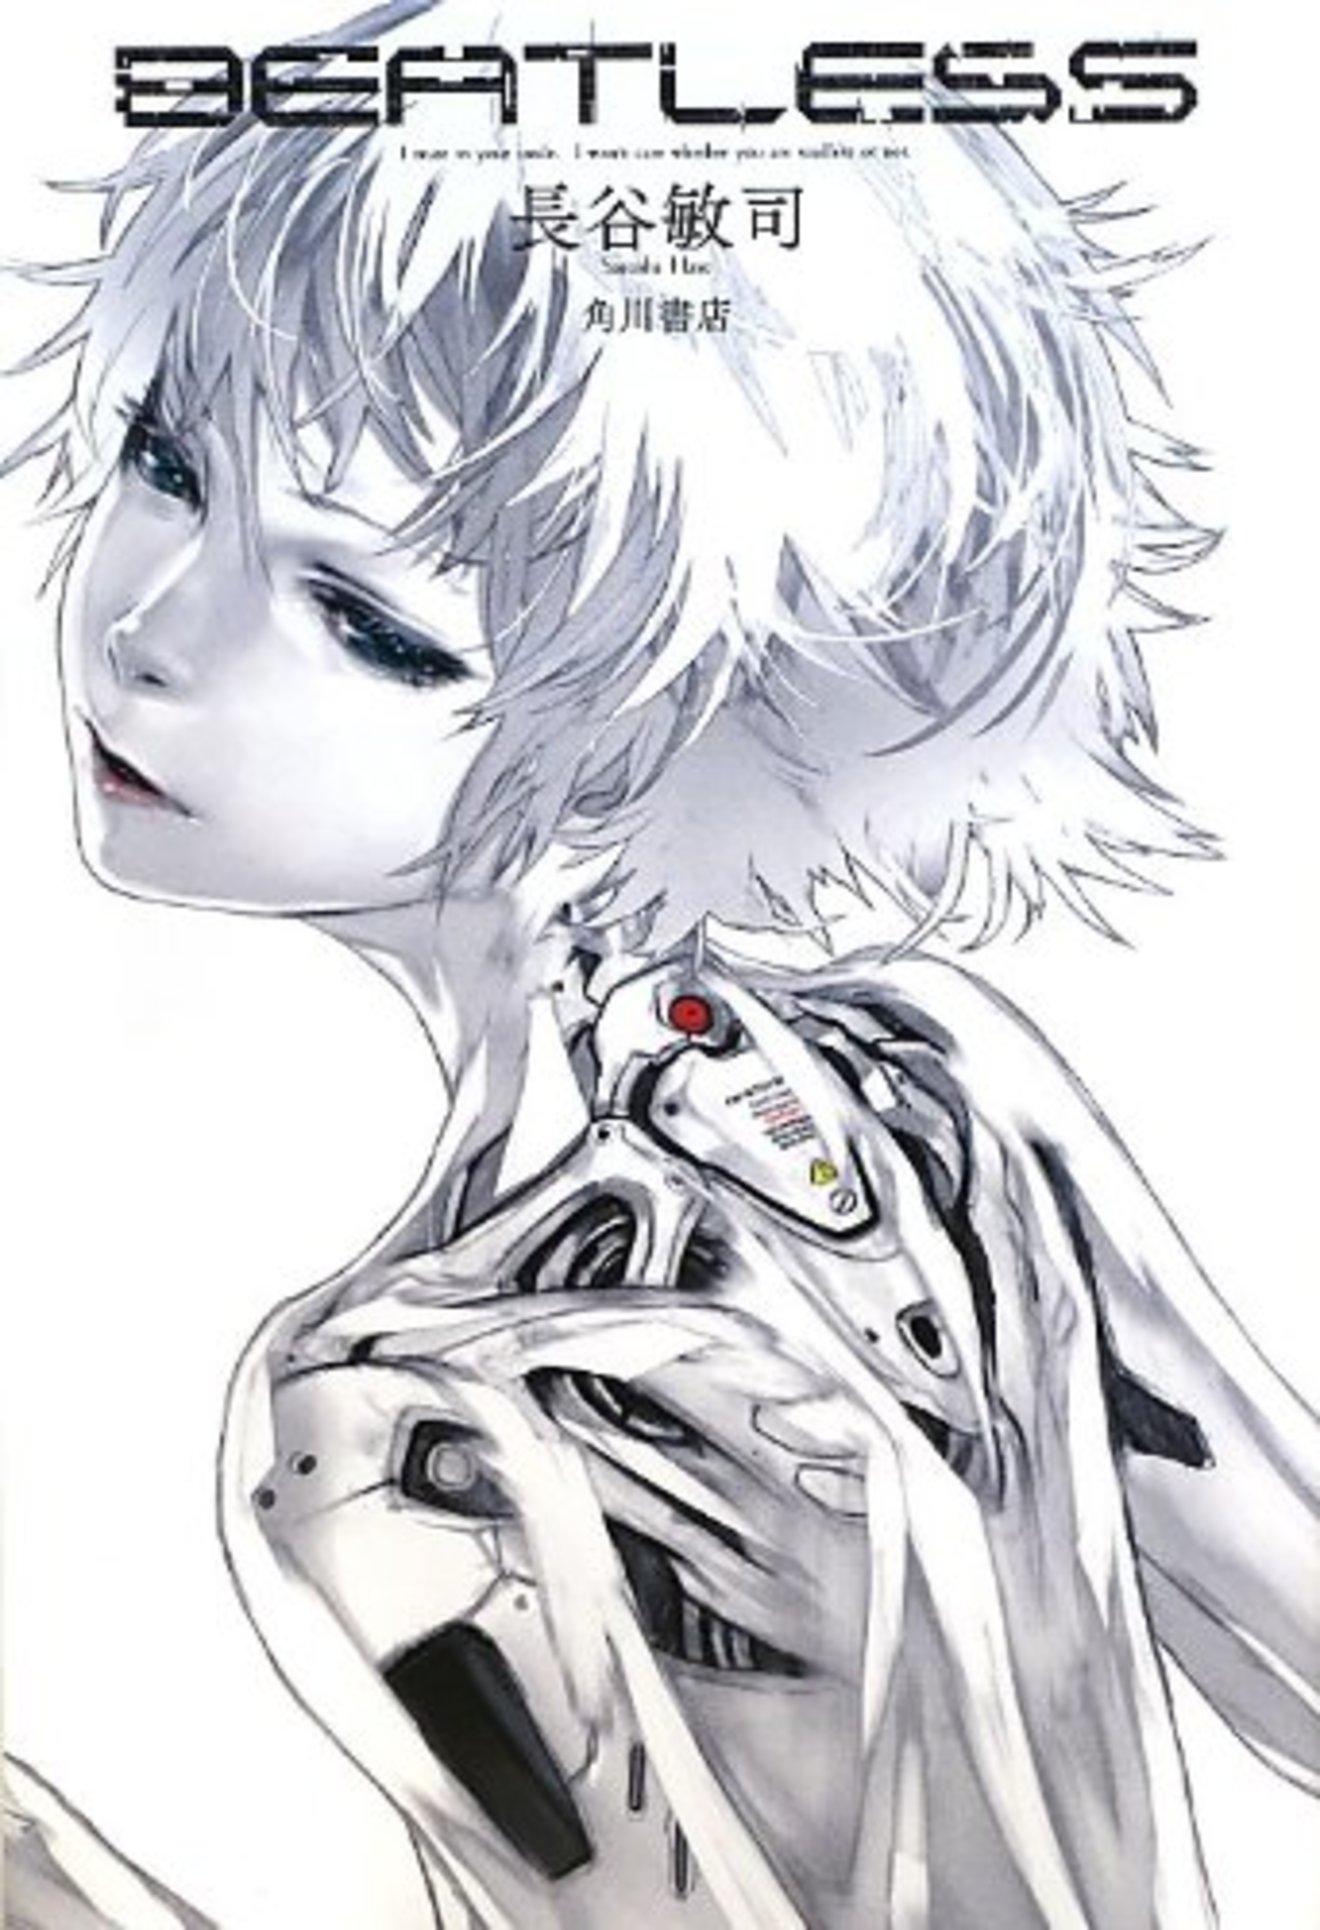 長谷敏司のおすすめ小説5選!SFファンなら必見!読み応えバツグンの作品